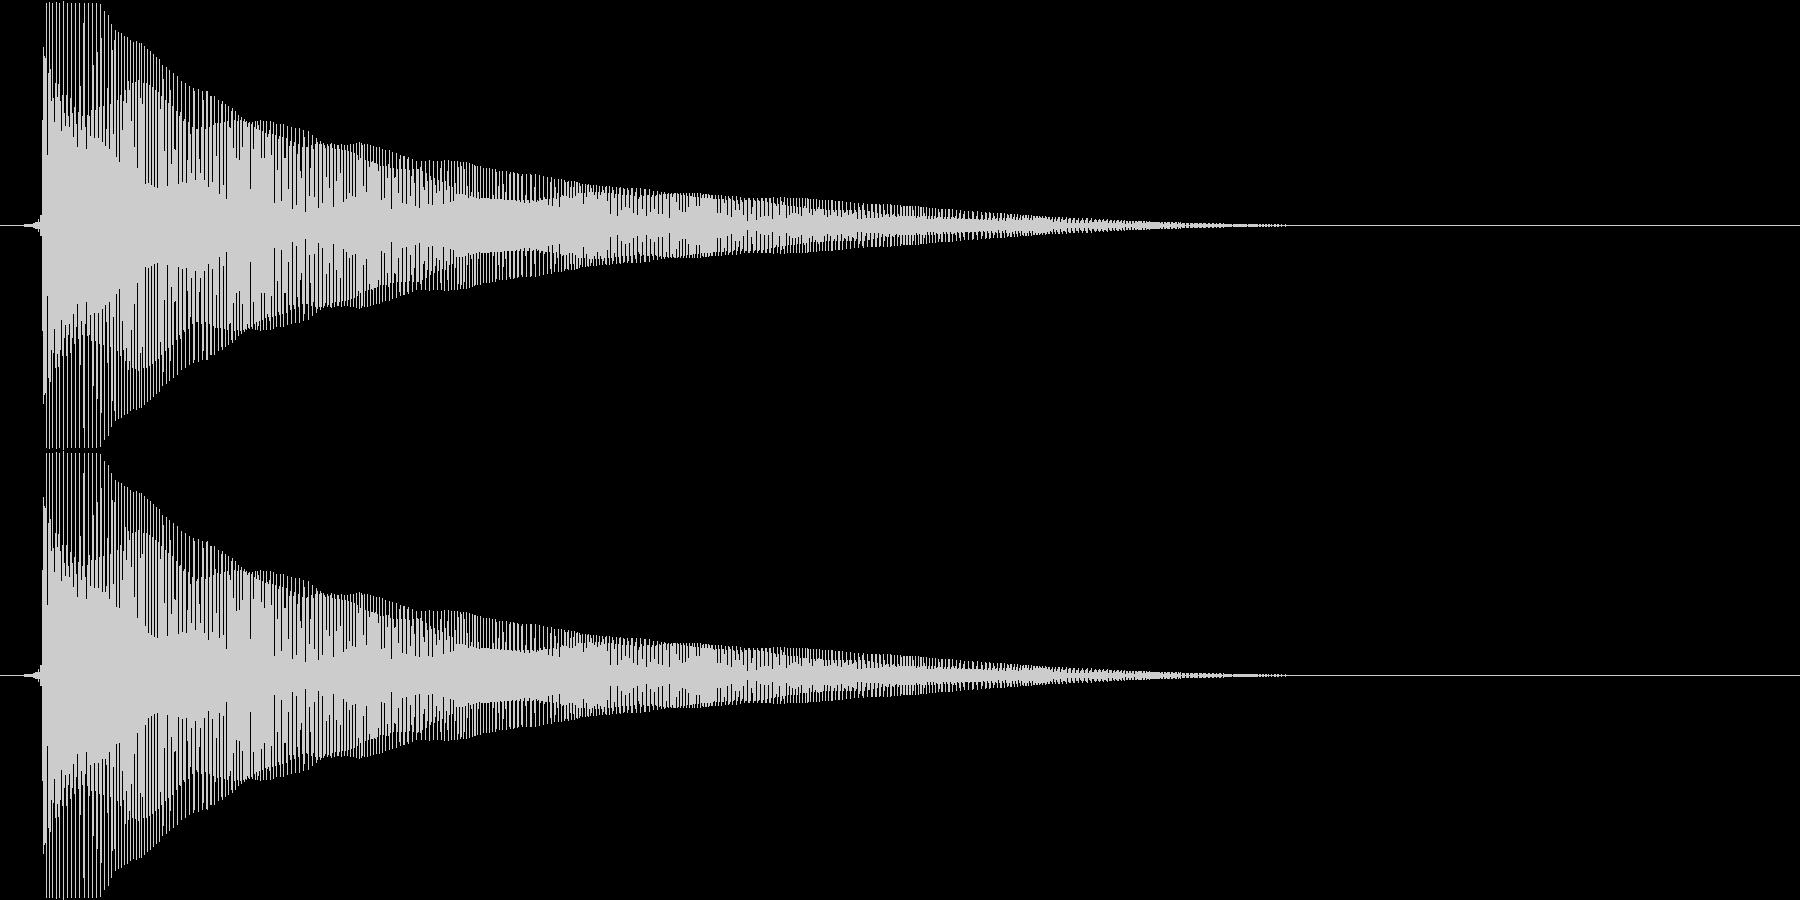 ビヨヨヨヨーン(バネ、お笑い、コメディ)の未再生の波形